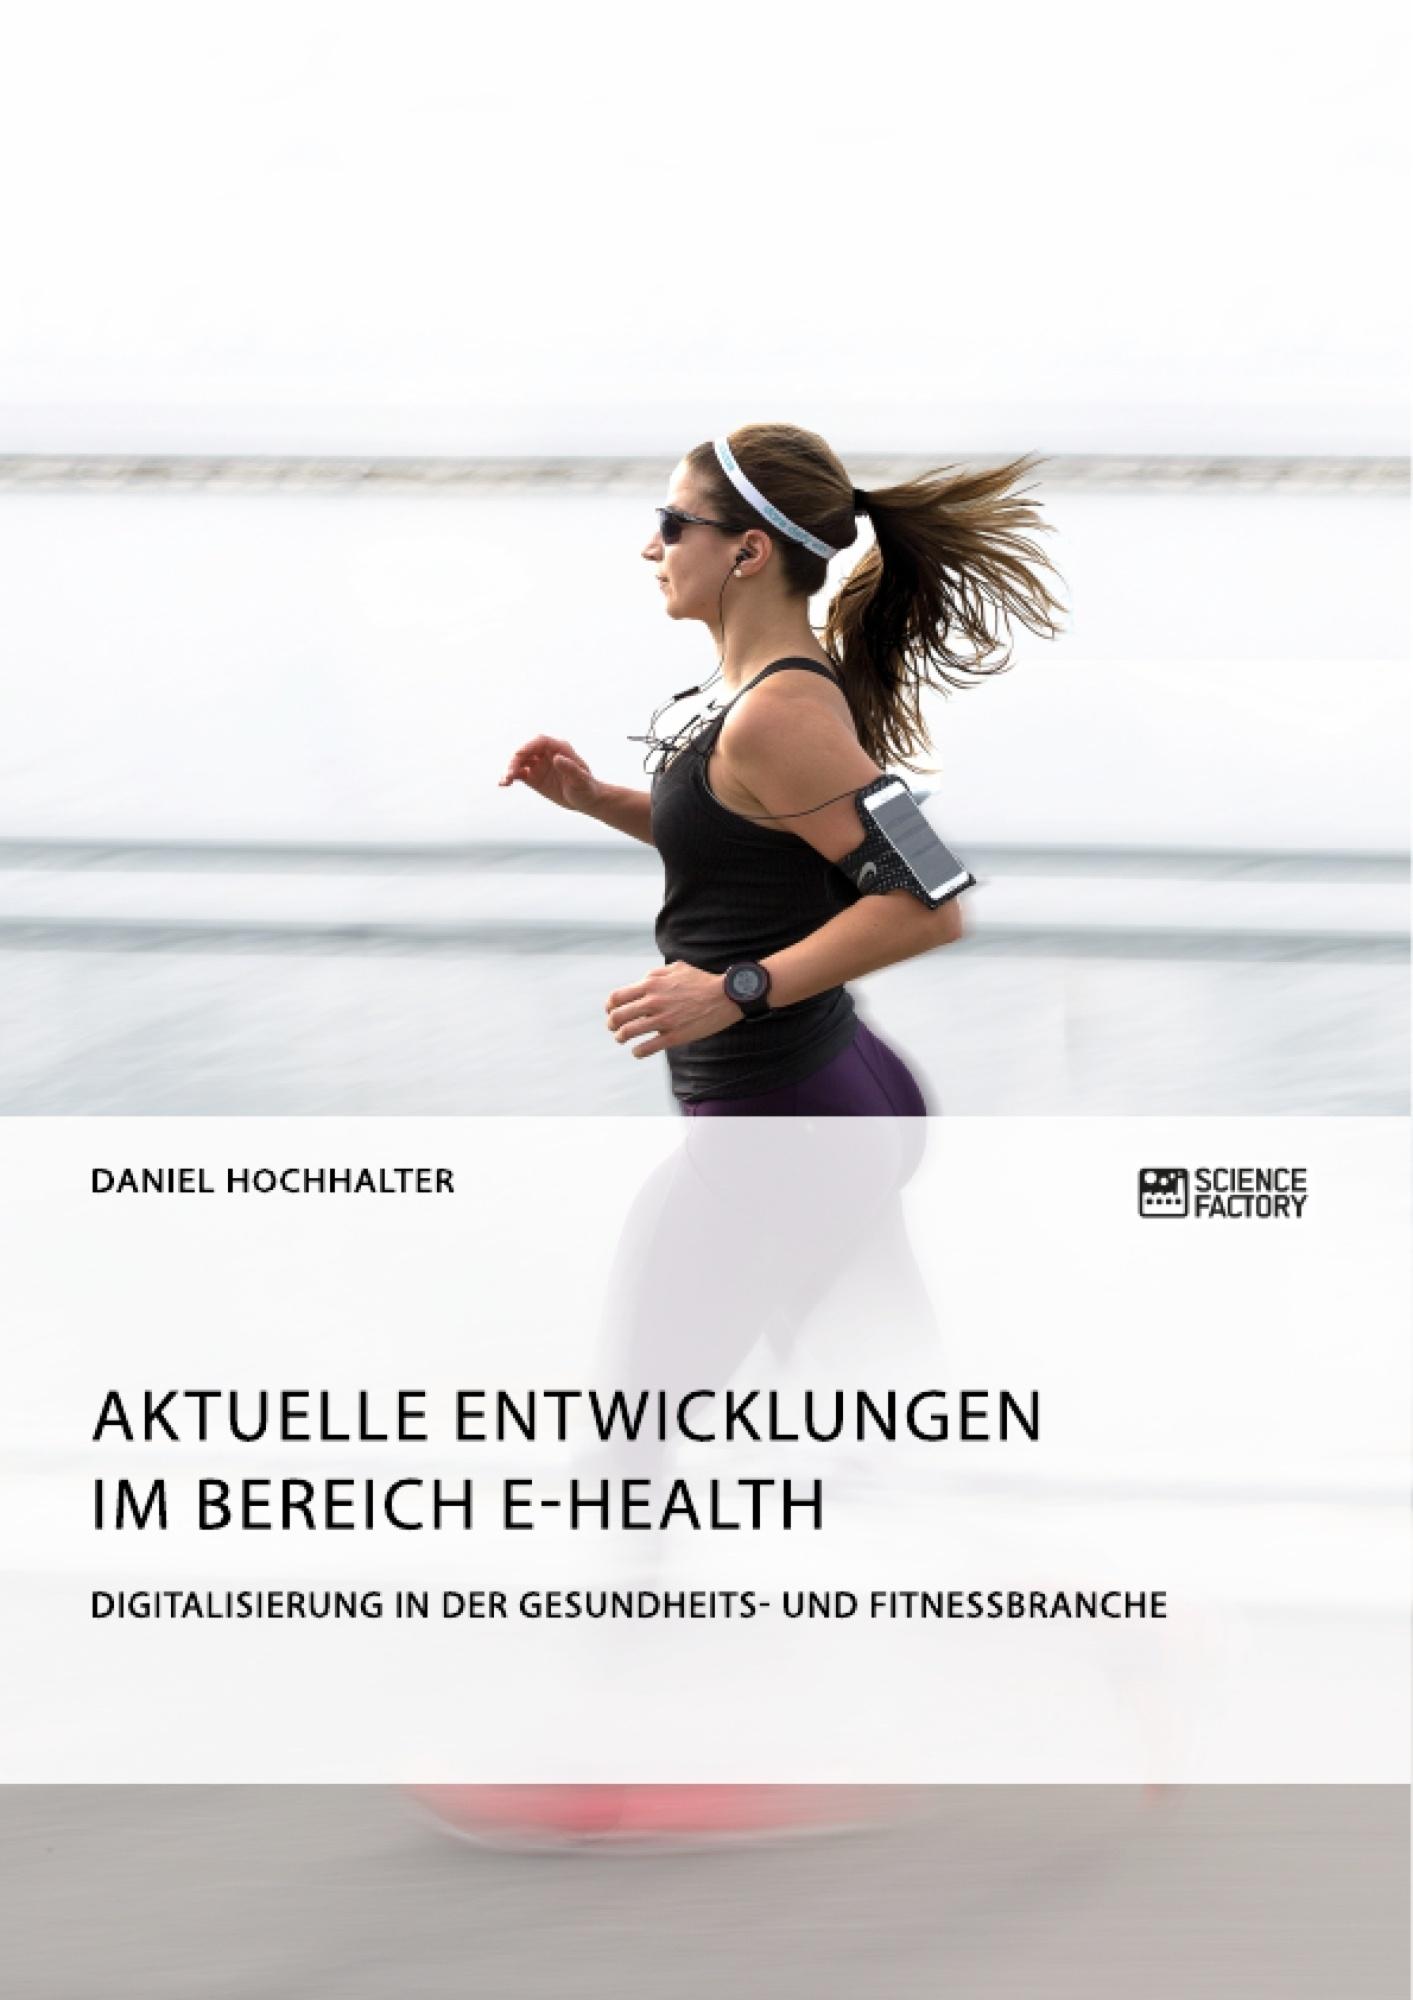 Titel: Aktuelle Entwicklungen im Bereich E-Health. Digitalisierung in der Gesundheits- und Fitnessbranche